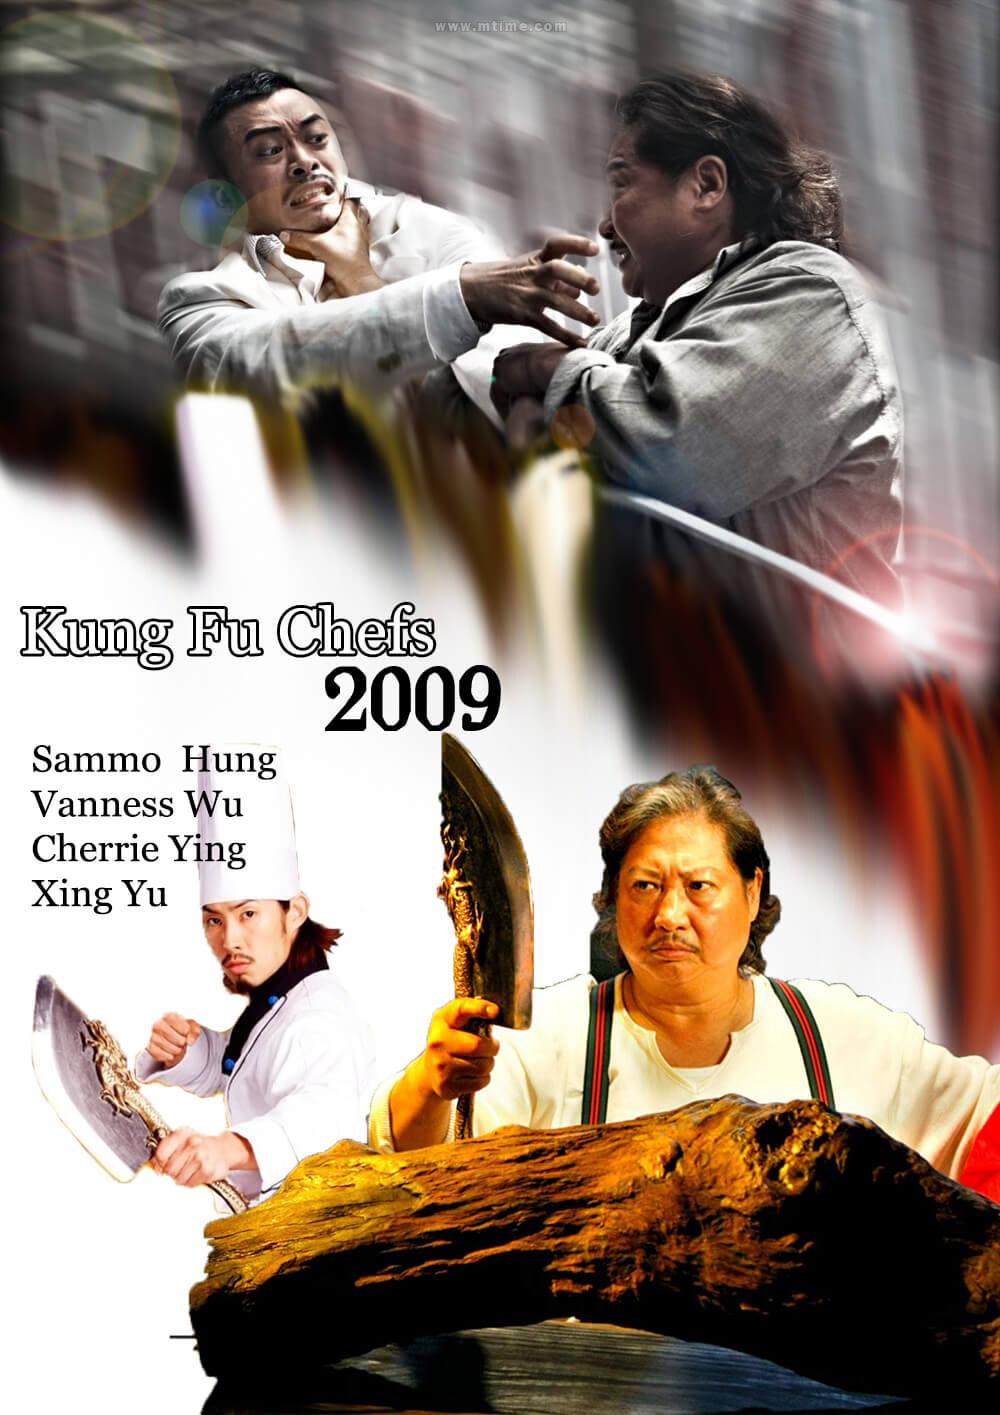 دانلود فیلم Kung Fu Chefs 2009